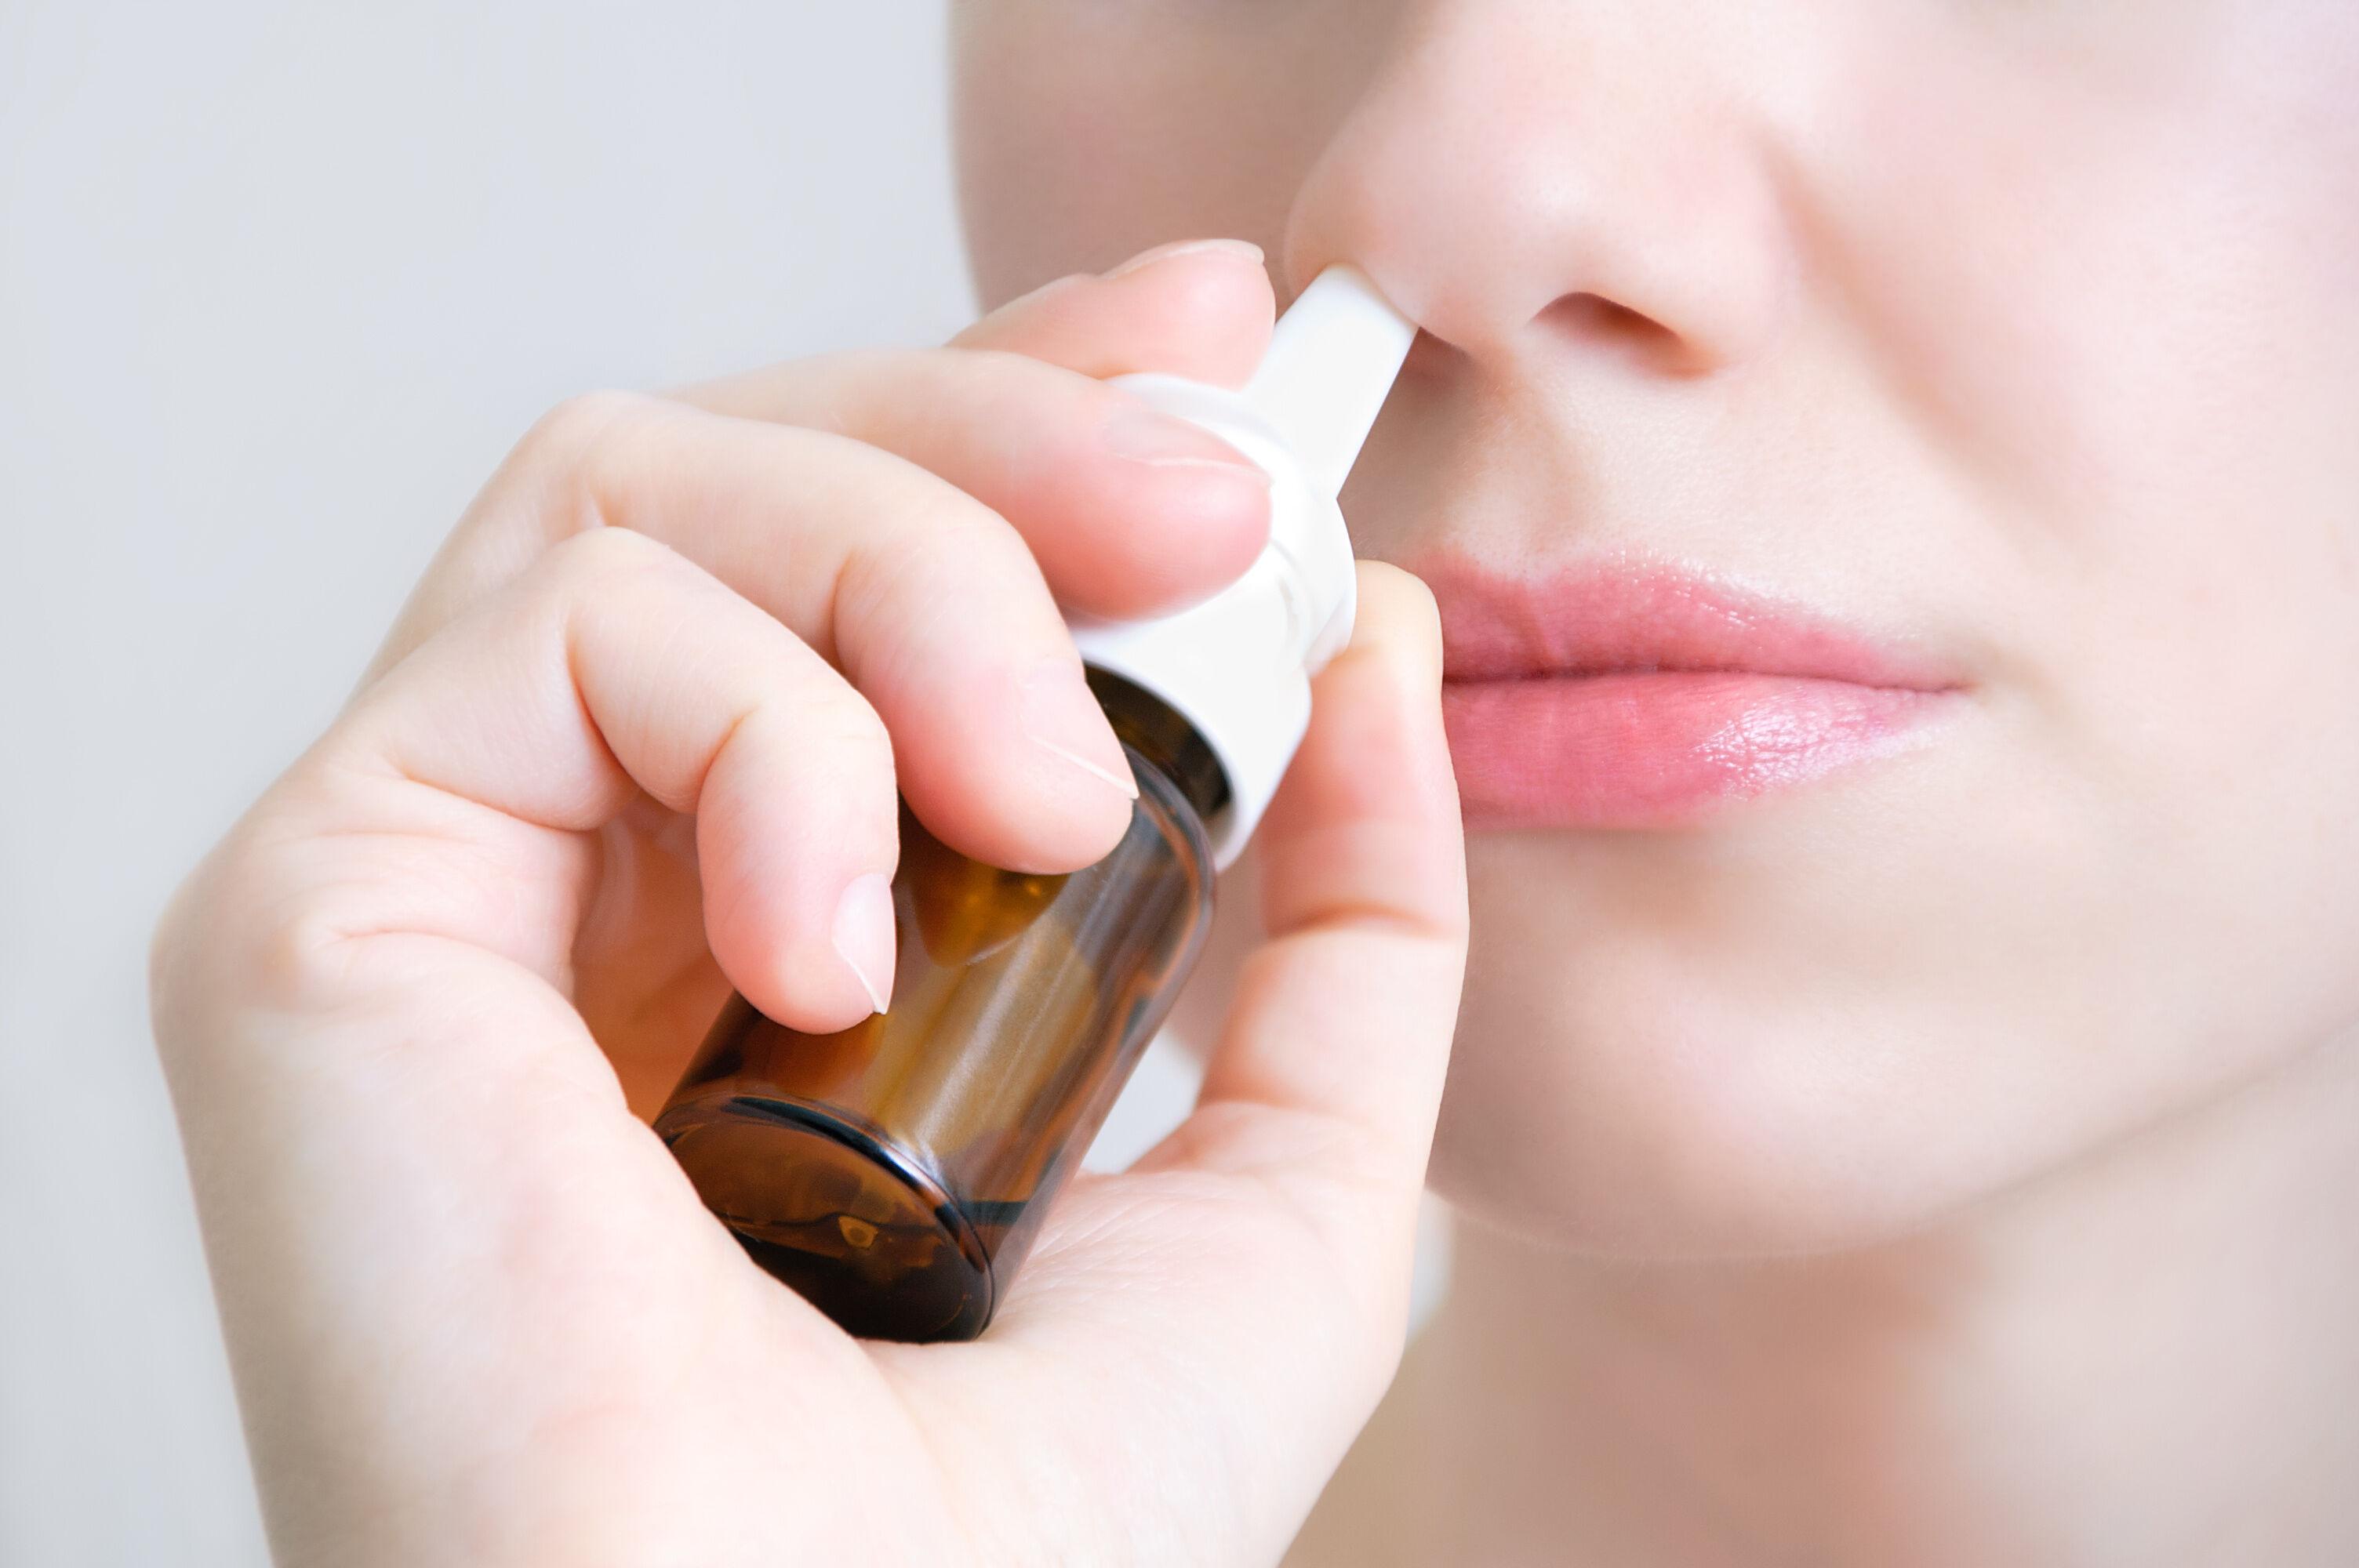 The woman uses nasal drops